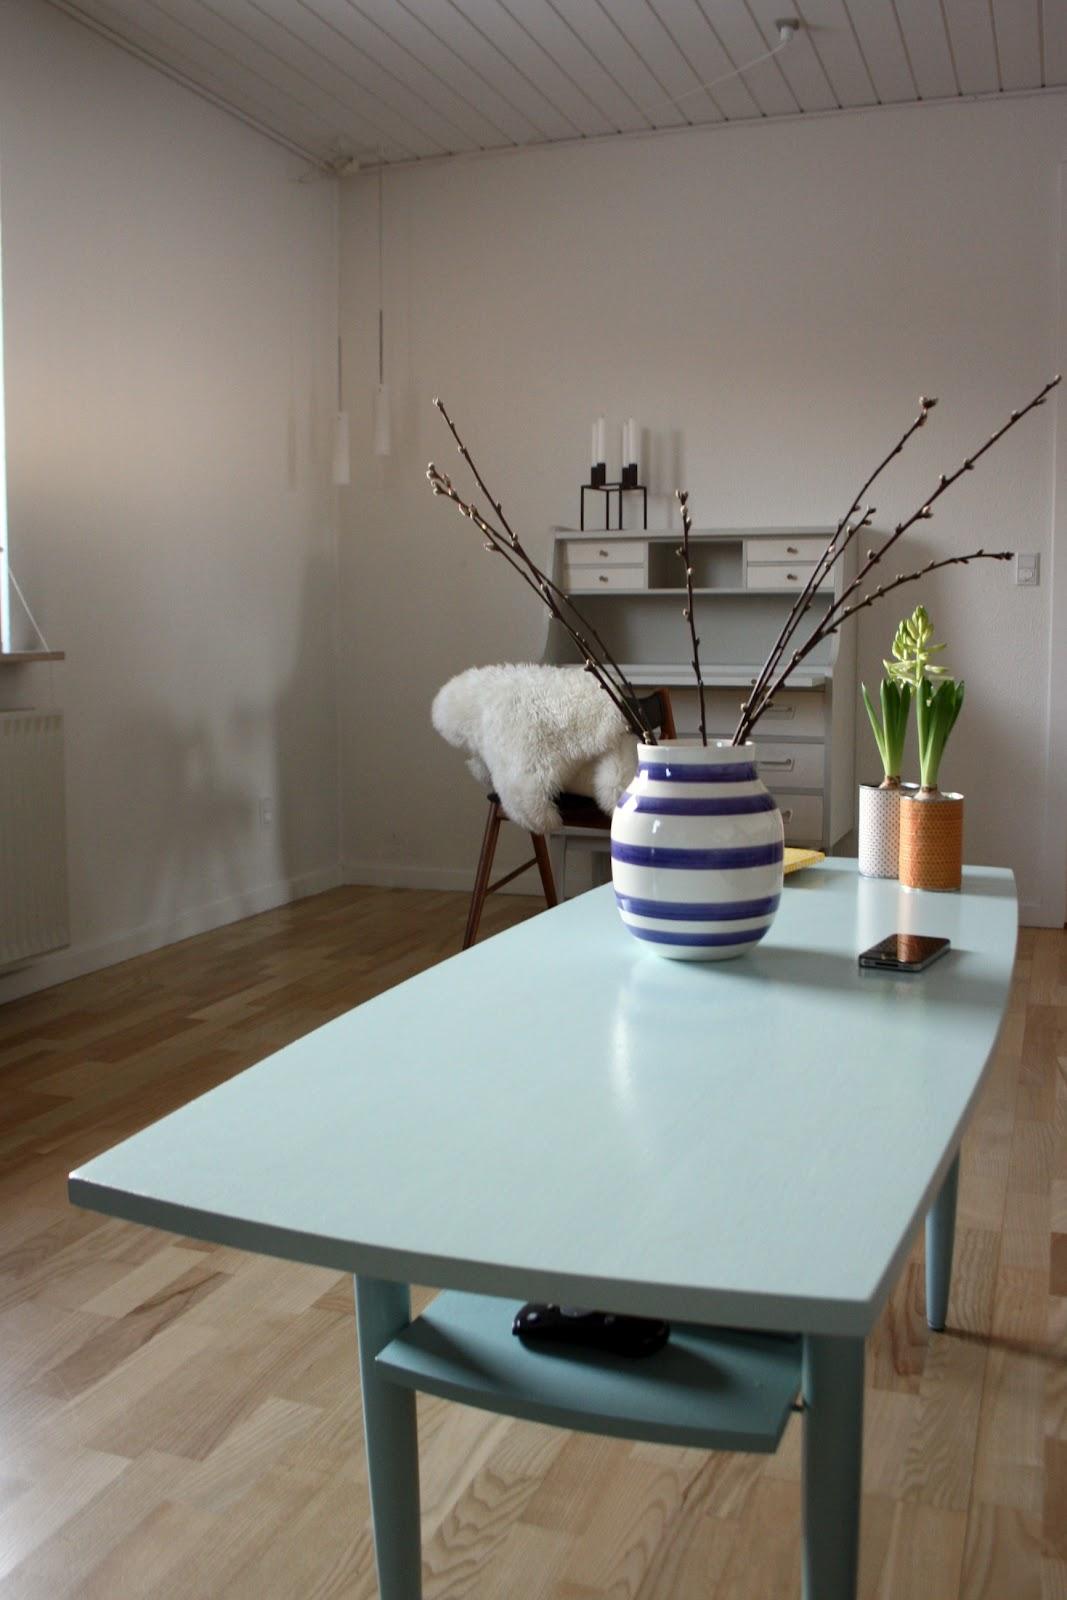 Annchen: flere farveovervejelser og nyt møbel